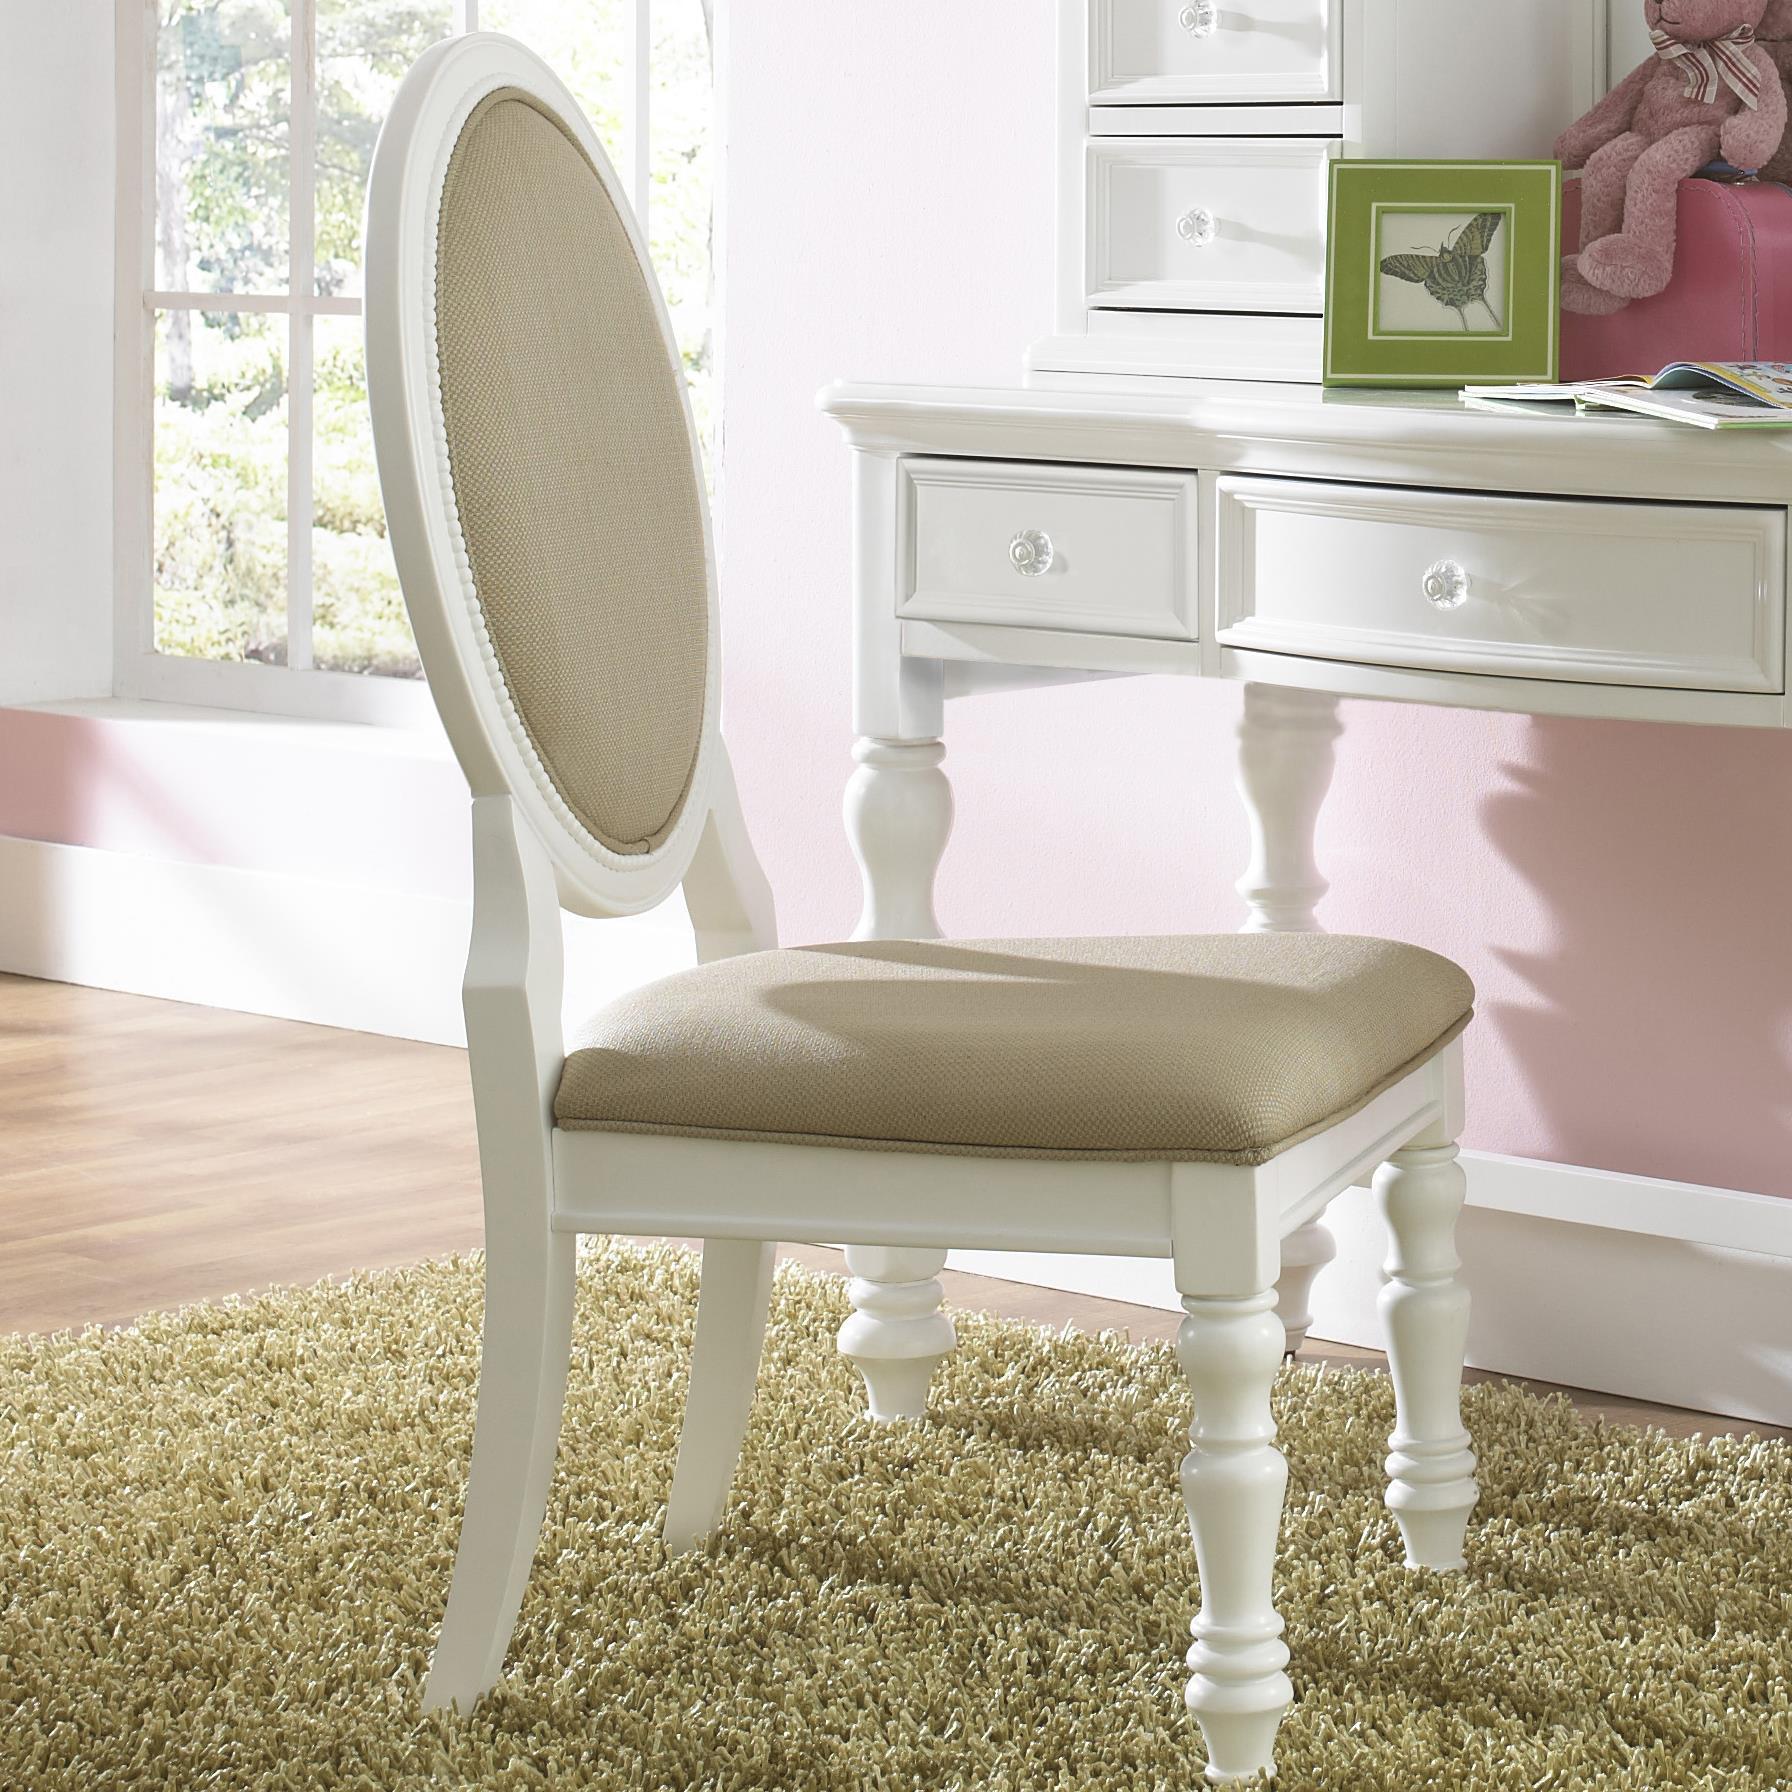 Morris Home Furnishings Sarasota Sarasota Desk Chair - Item Number: 8470-452